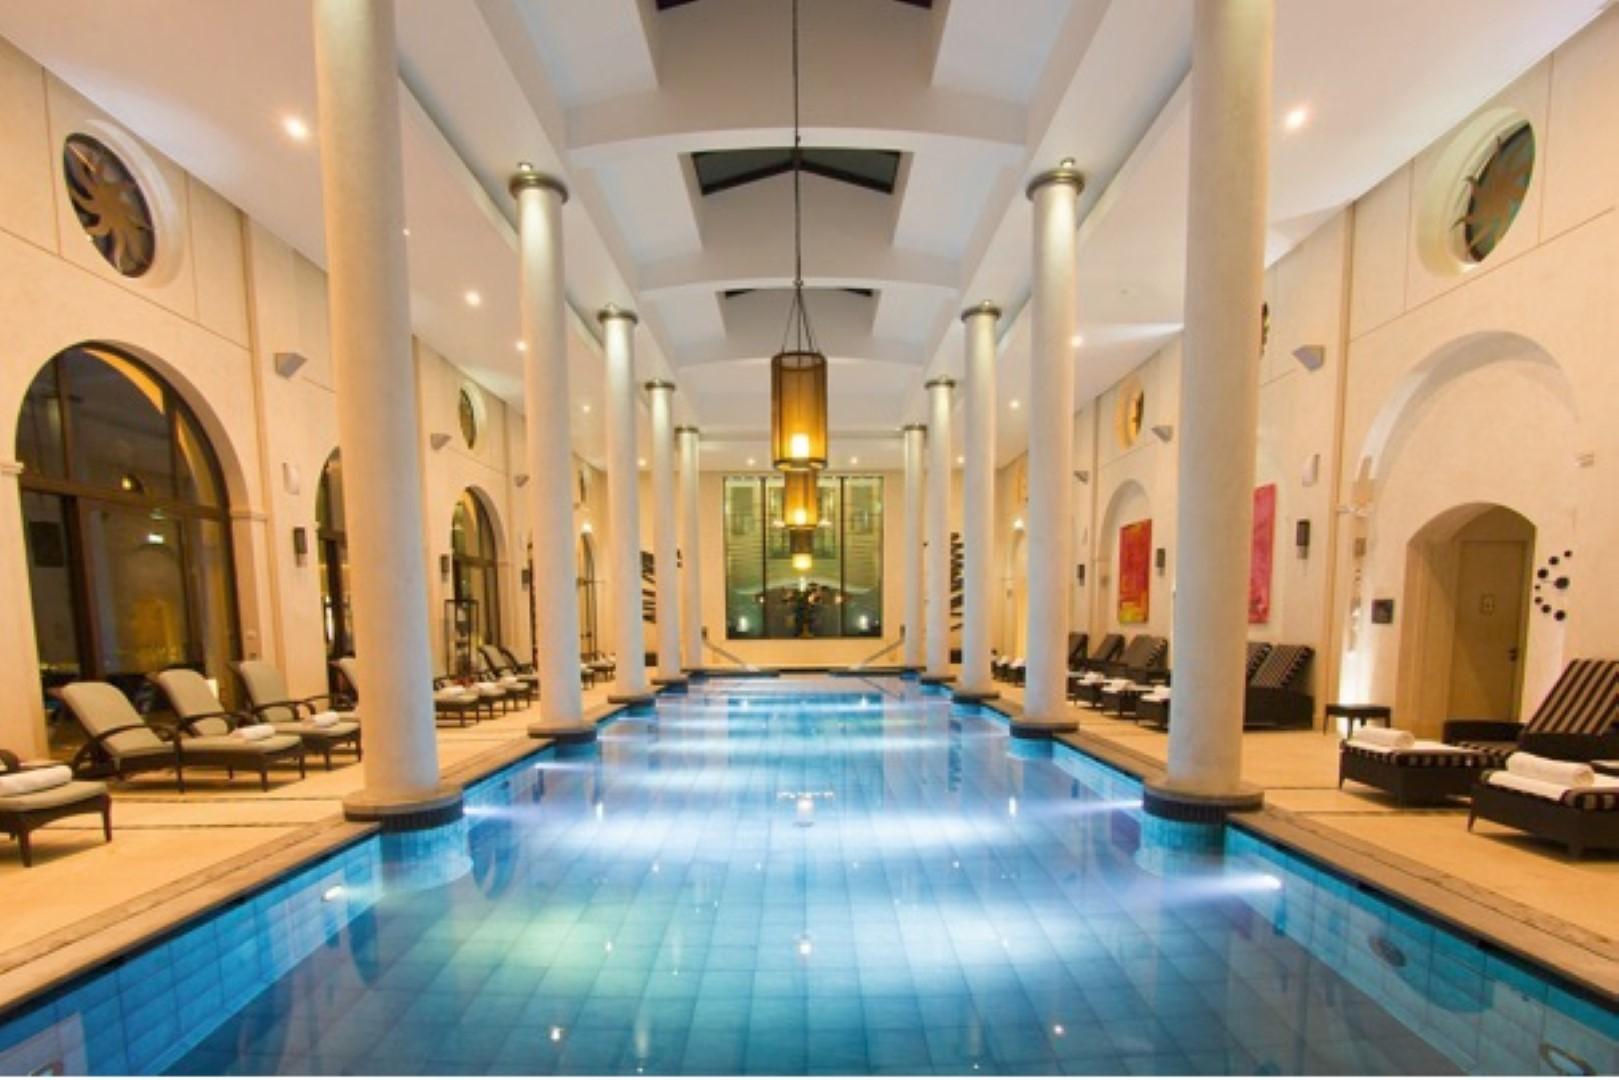 7 id es de cadeaux pour la saint valentin nice matin for Hotel nice piscine interieure